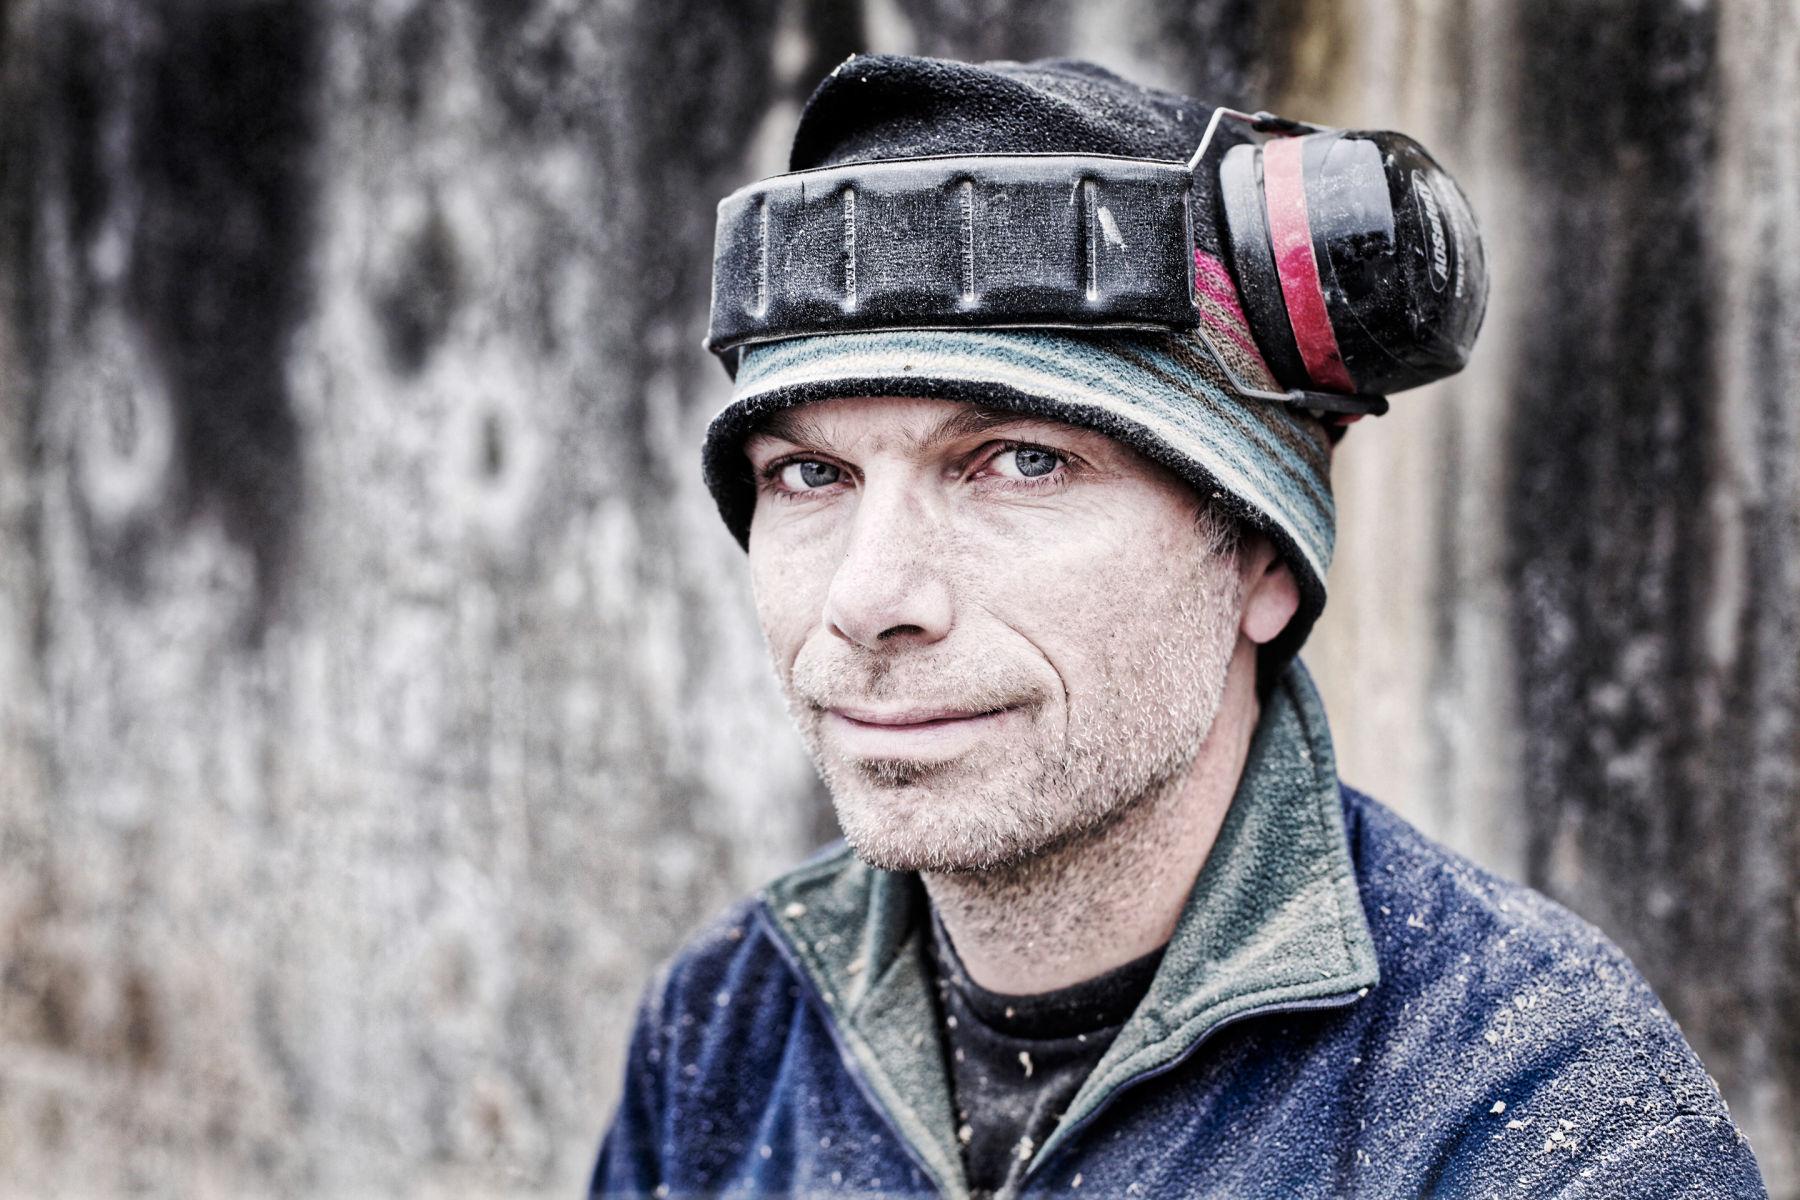 Atlanta Wood Worker